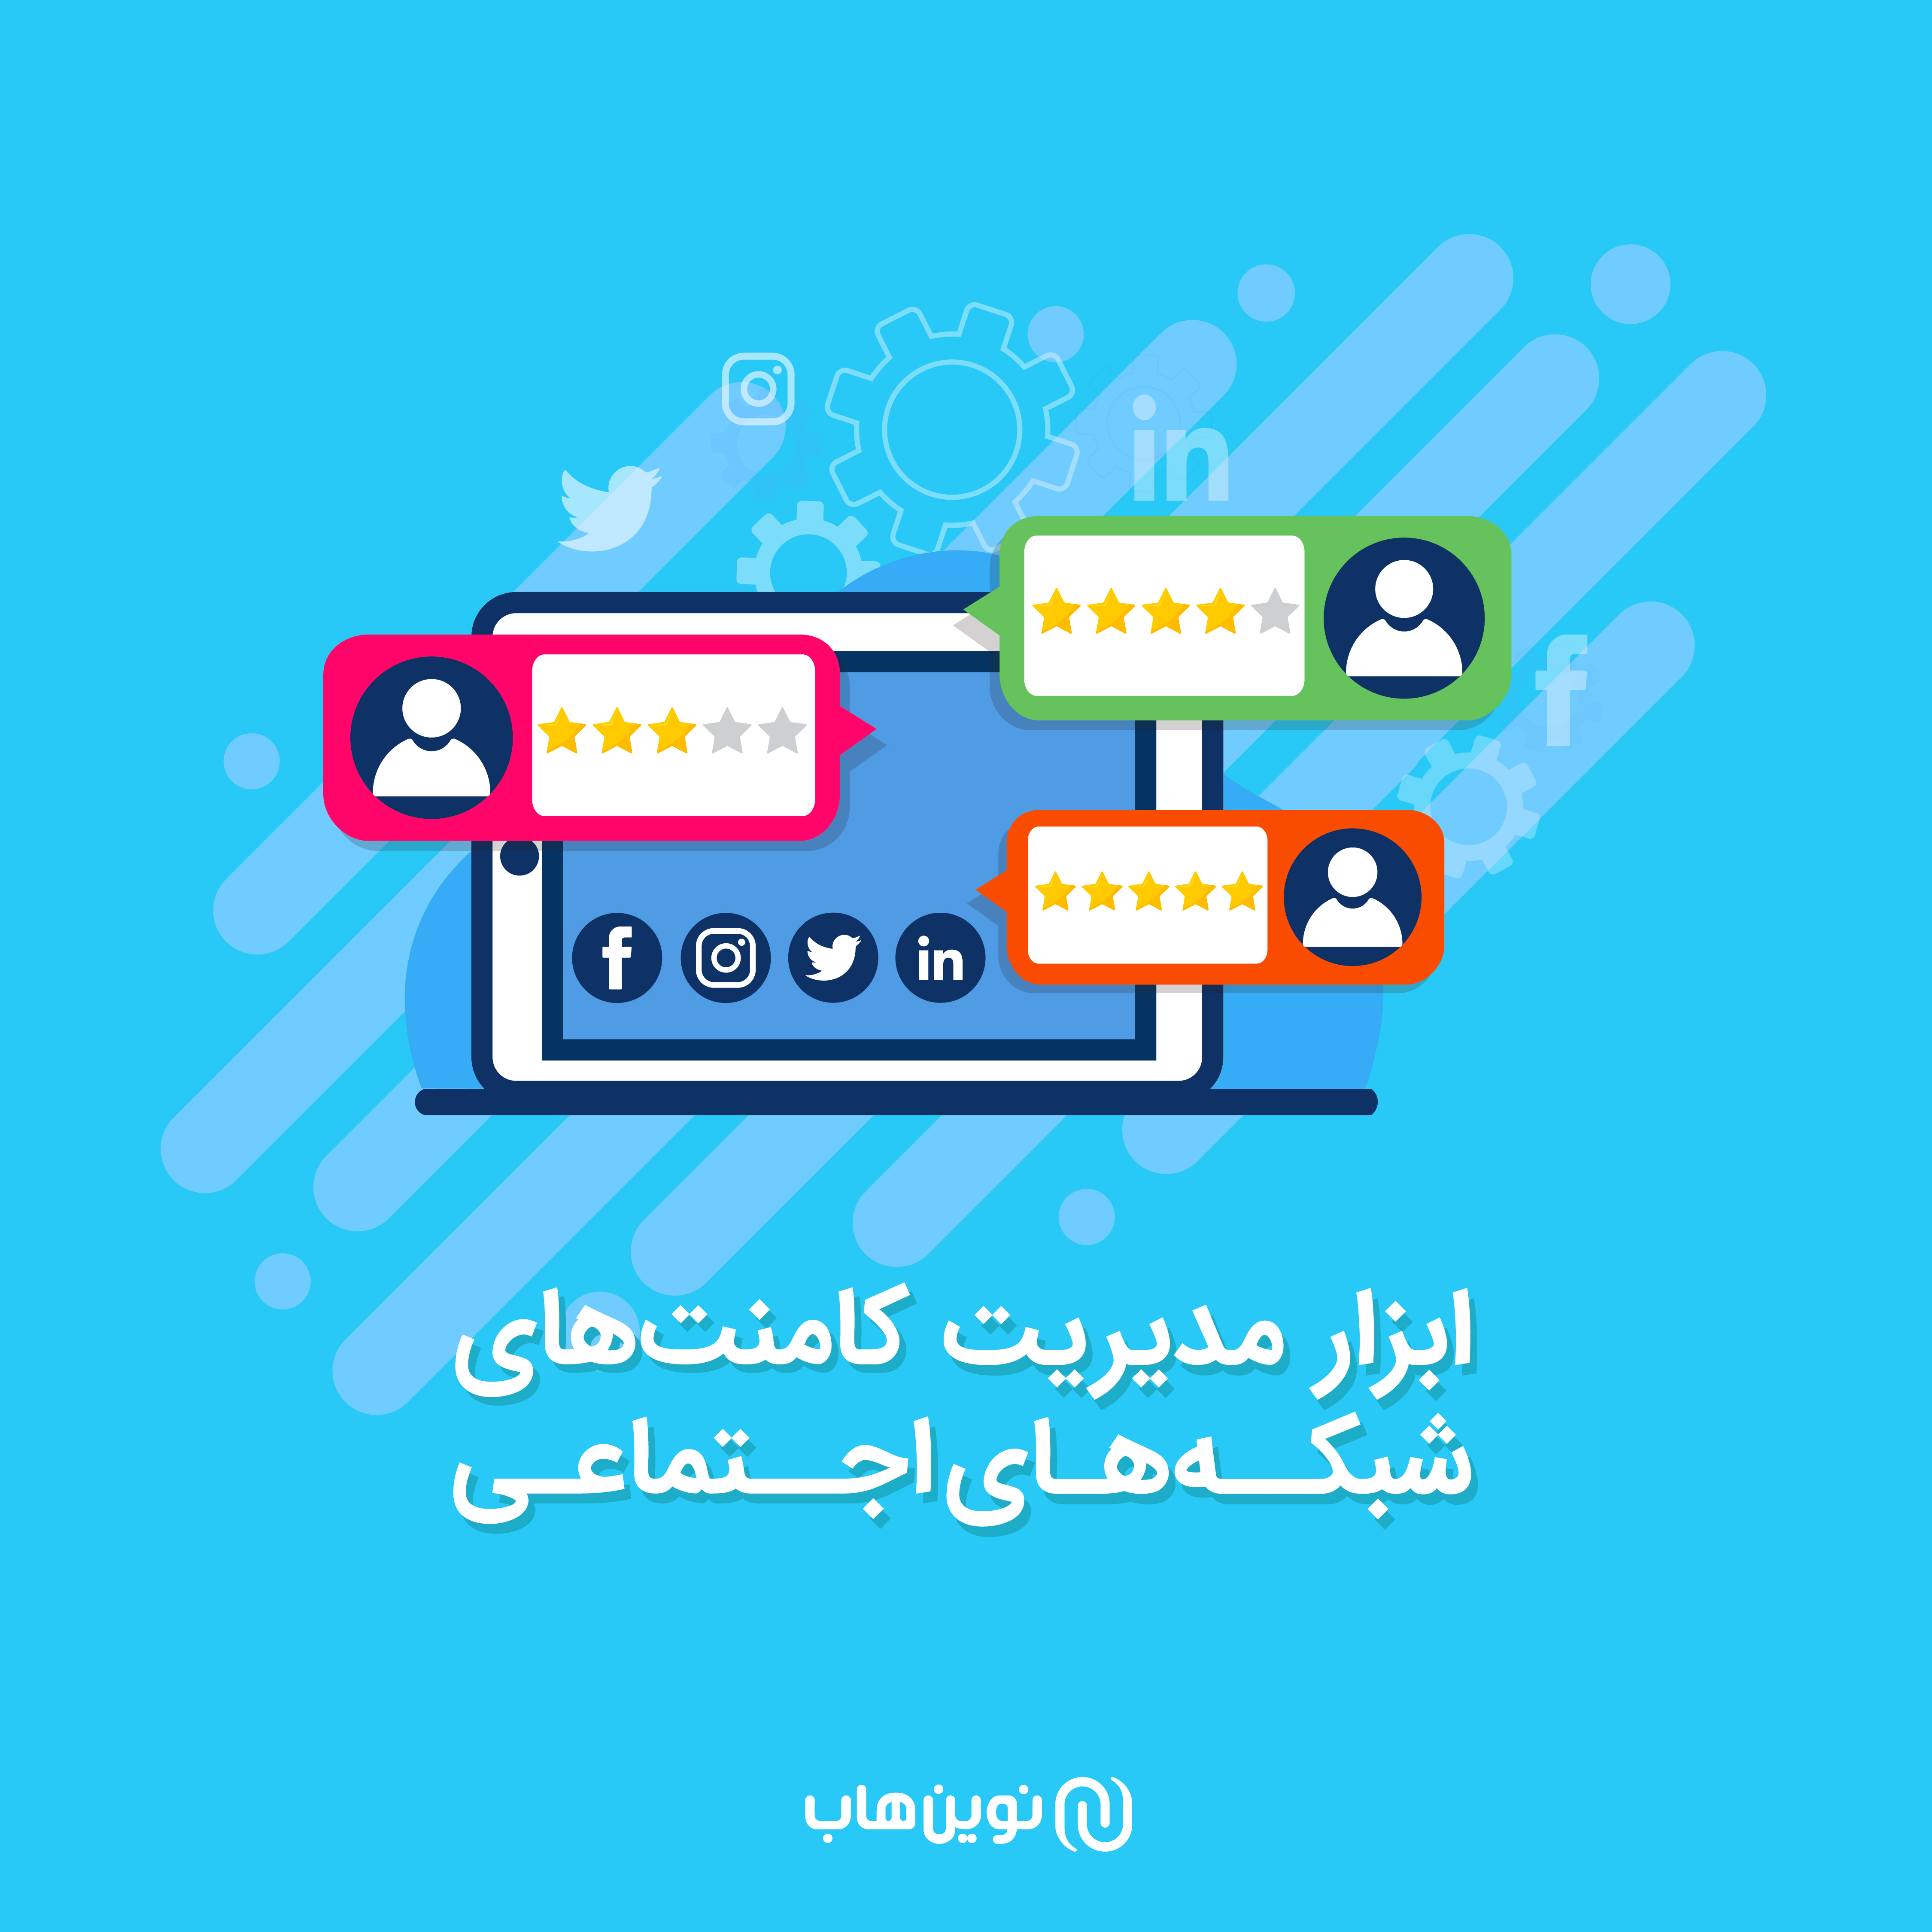 مدیریت همه کامنتهای شبکههای اجتماعی، در نوین هاب